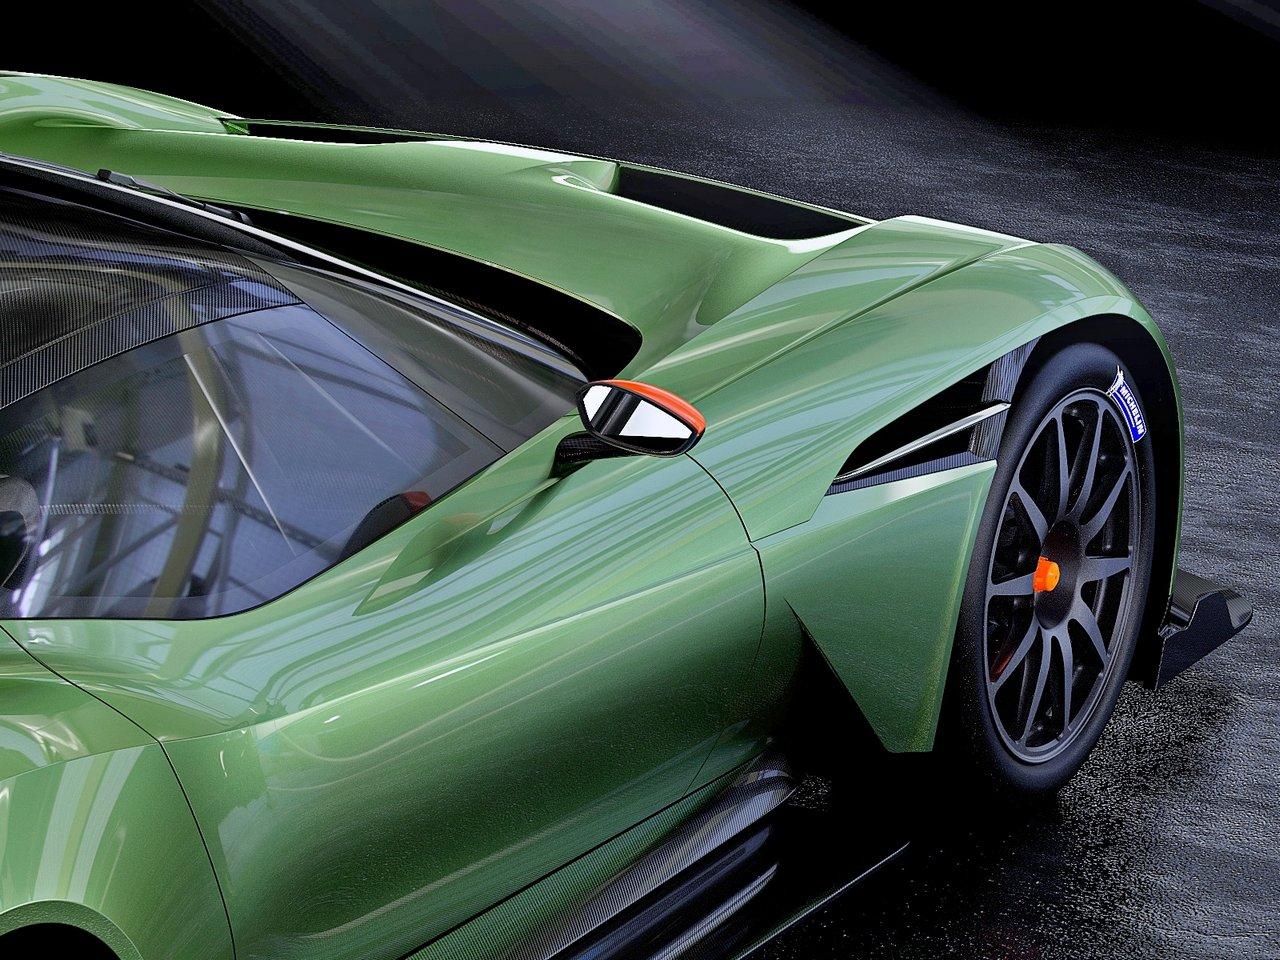 ginevra-2015-aston-martin-vulcan-prezzo-price-0-100_23